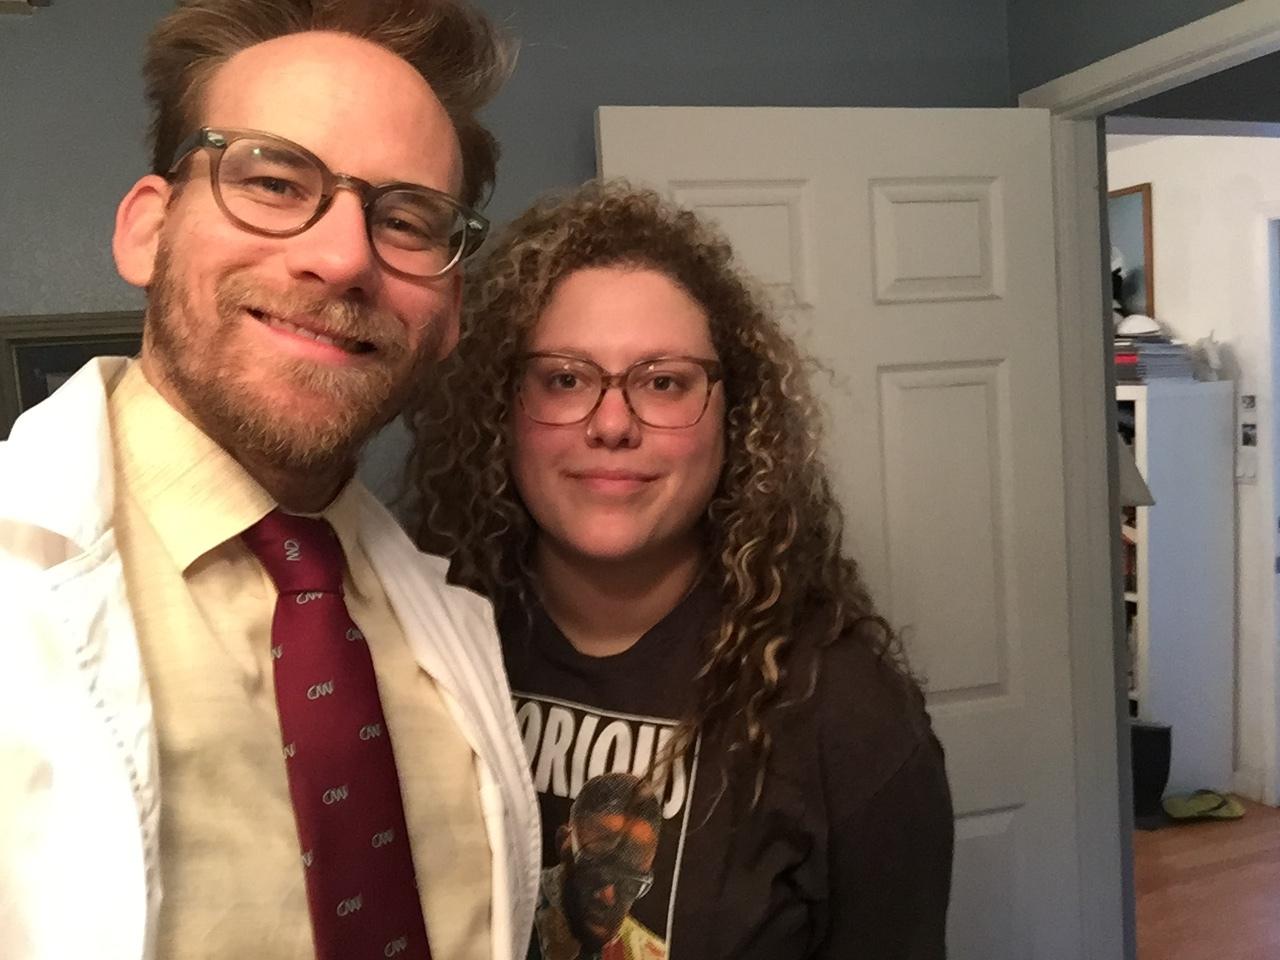 Filmmakers Jason Underhill & Rena Kosnett filming  Golden Retriever: The Possession